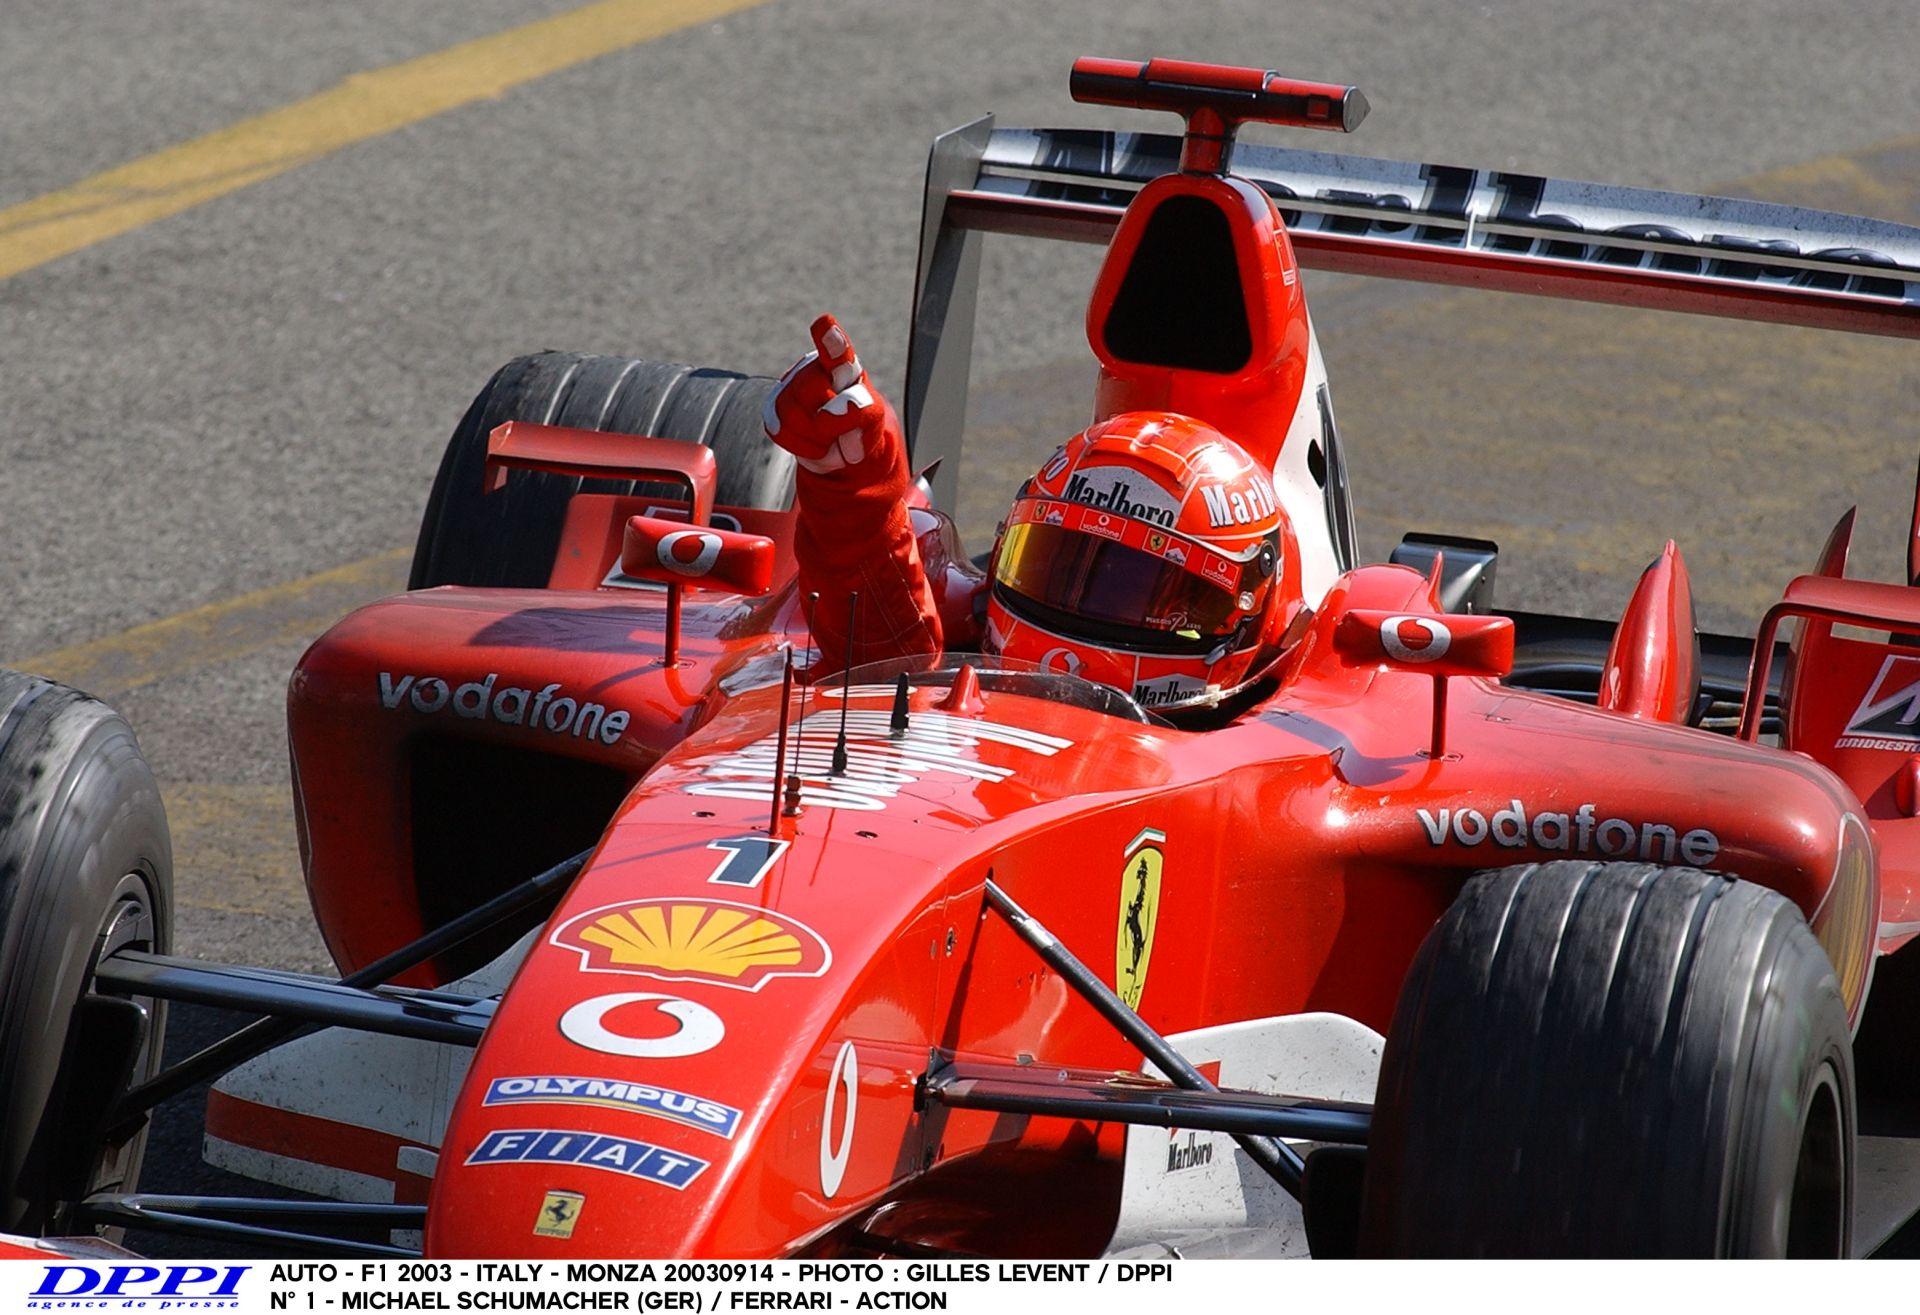 Pályabejárás a hétszeres világbajnok Michael Schumacherrel Monzában